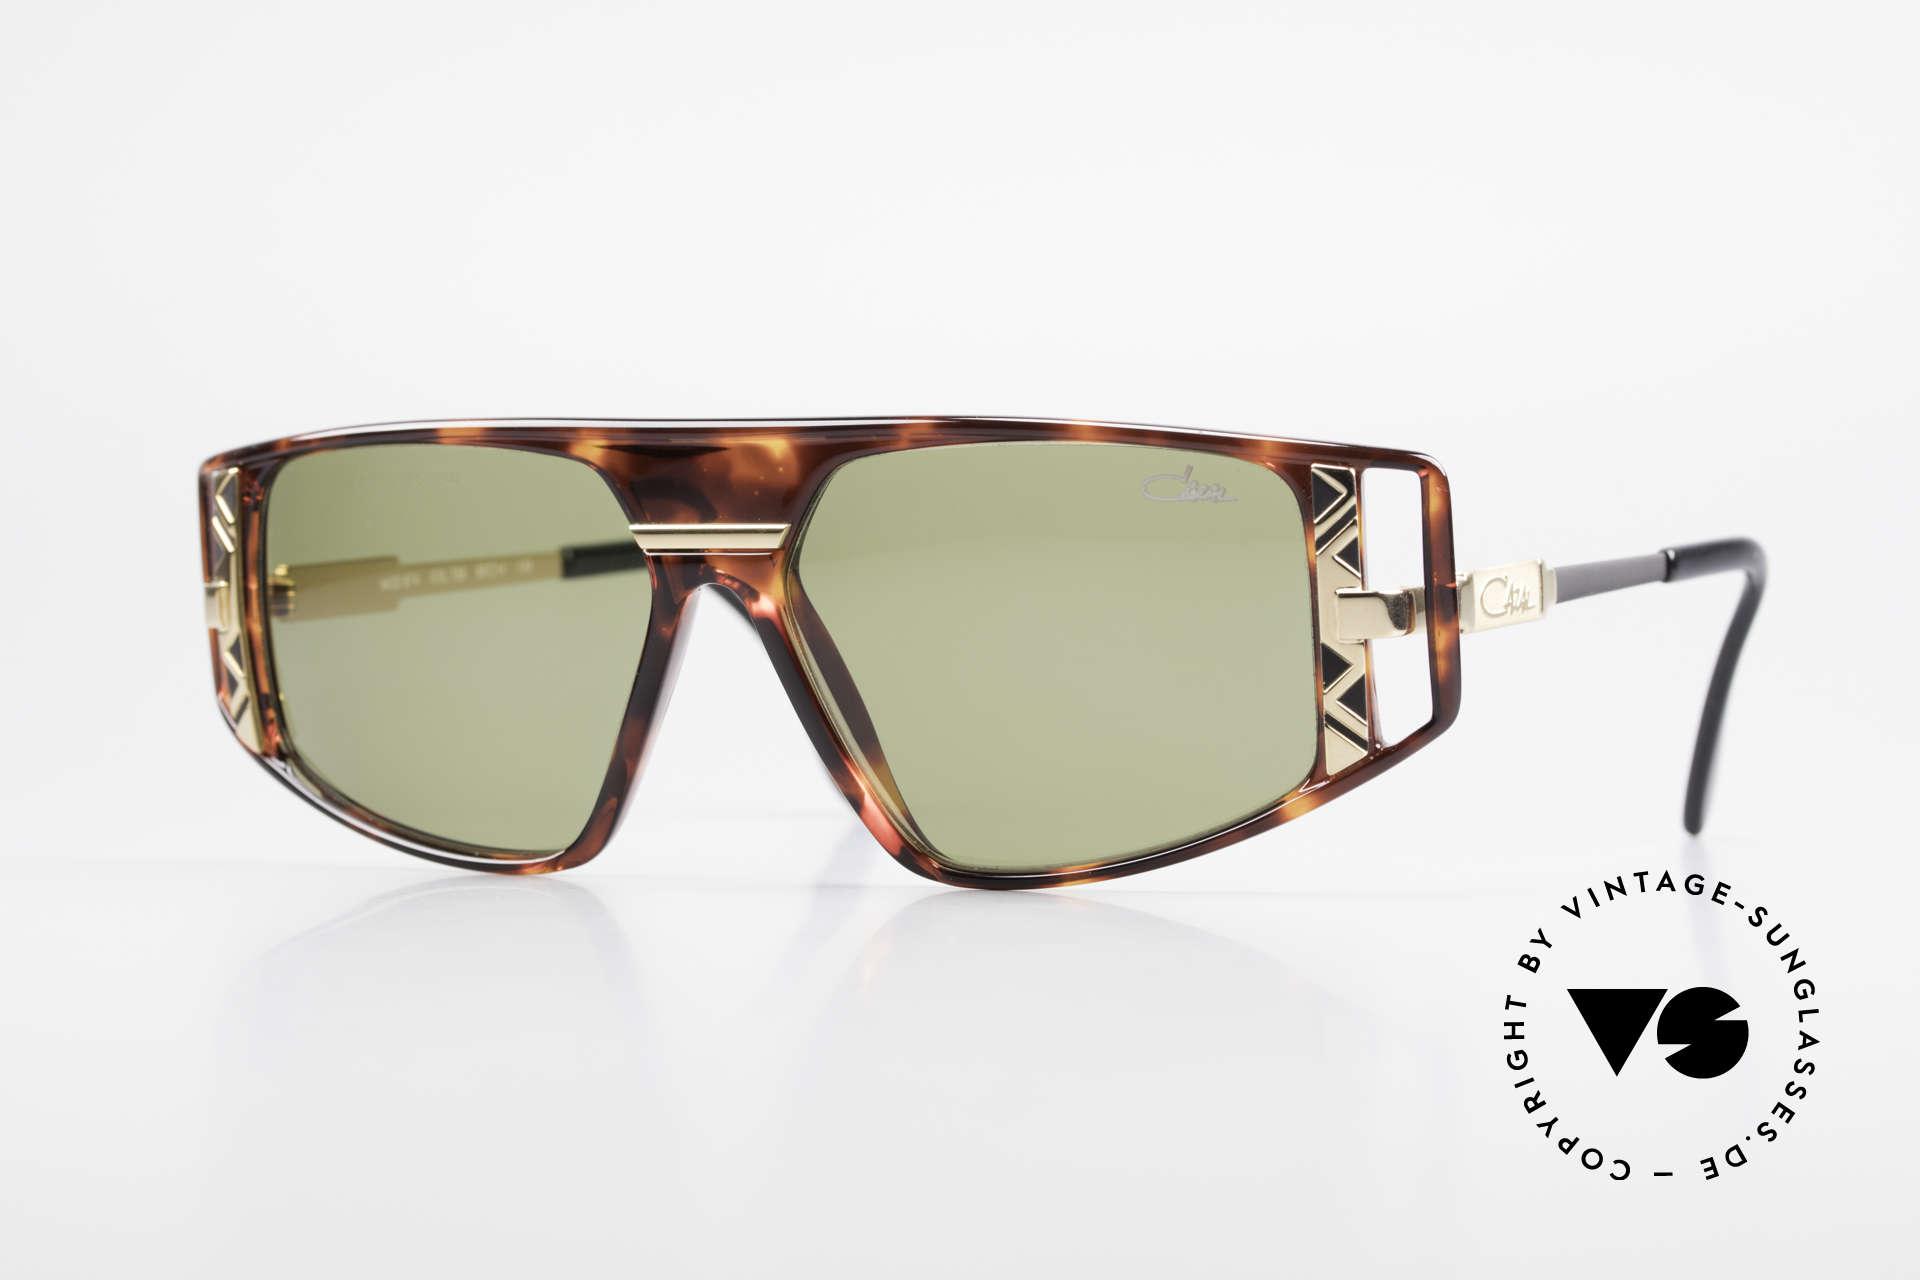 Cazal 874 1990er Unisex Designerbrille, spektakuläre Kombination von Farben und Formen, Passend für Herren und Damen